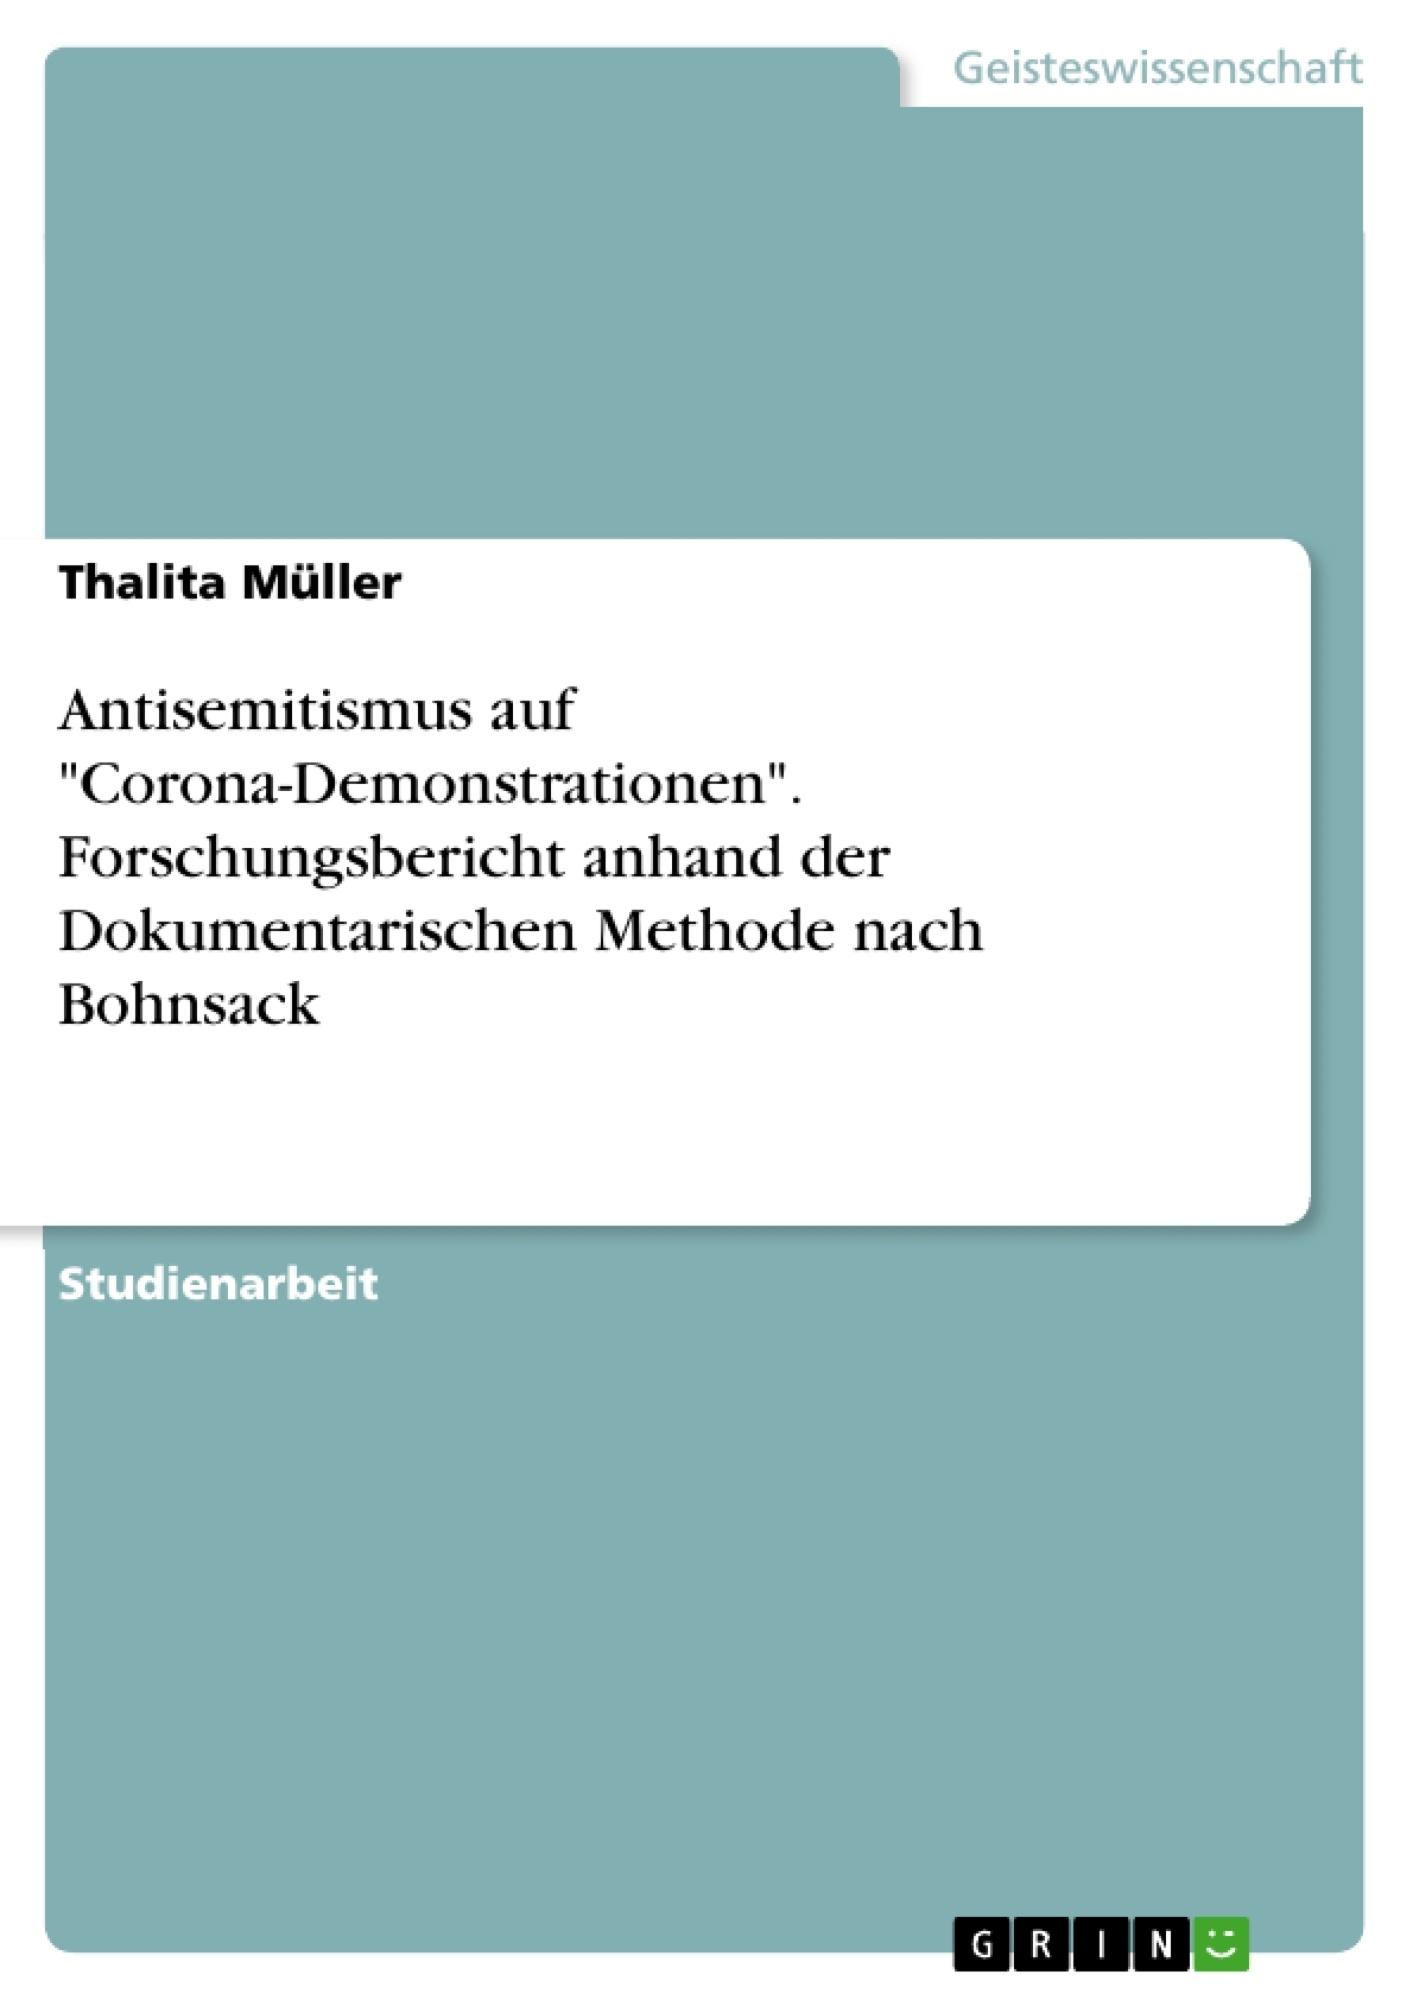 """Titel: Antisemitismus auf """"Corona-Demonstrationen"""". Forschungsbericht anhand der Dokumentarischen Methode nach Bohnsack"""